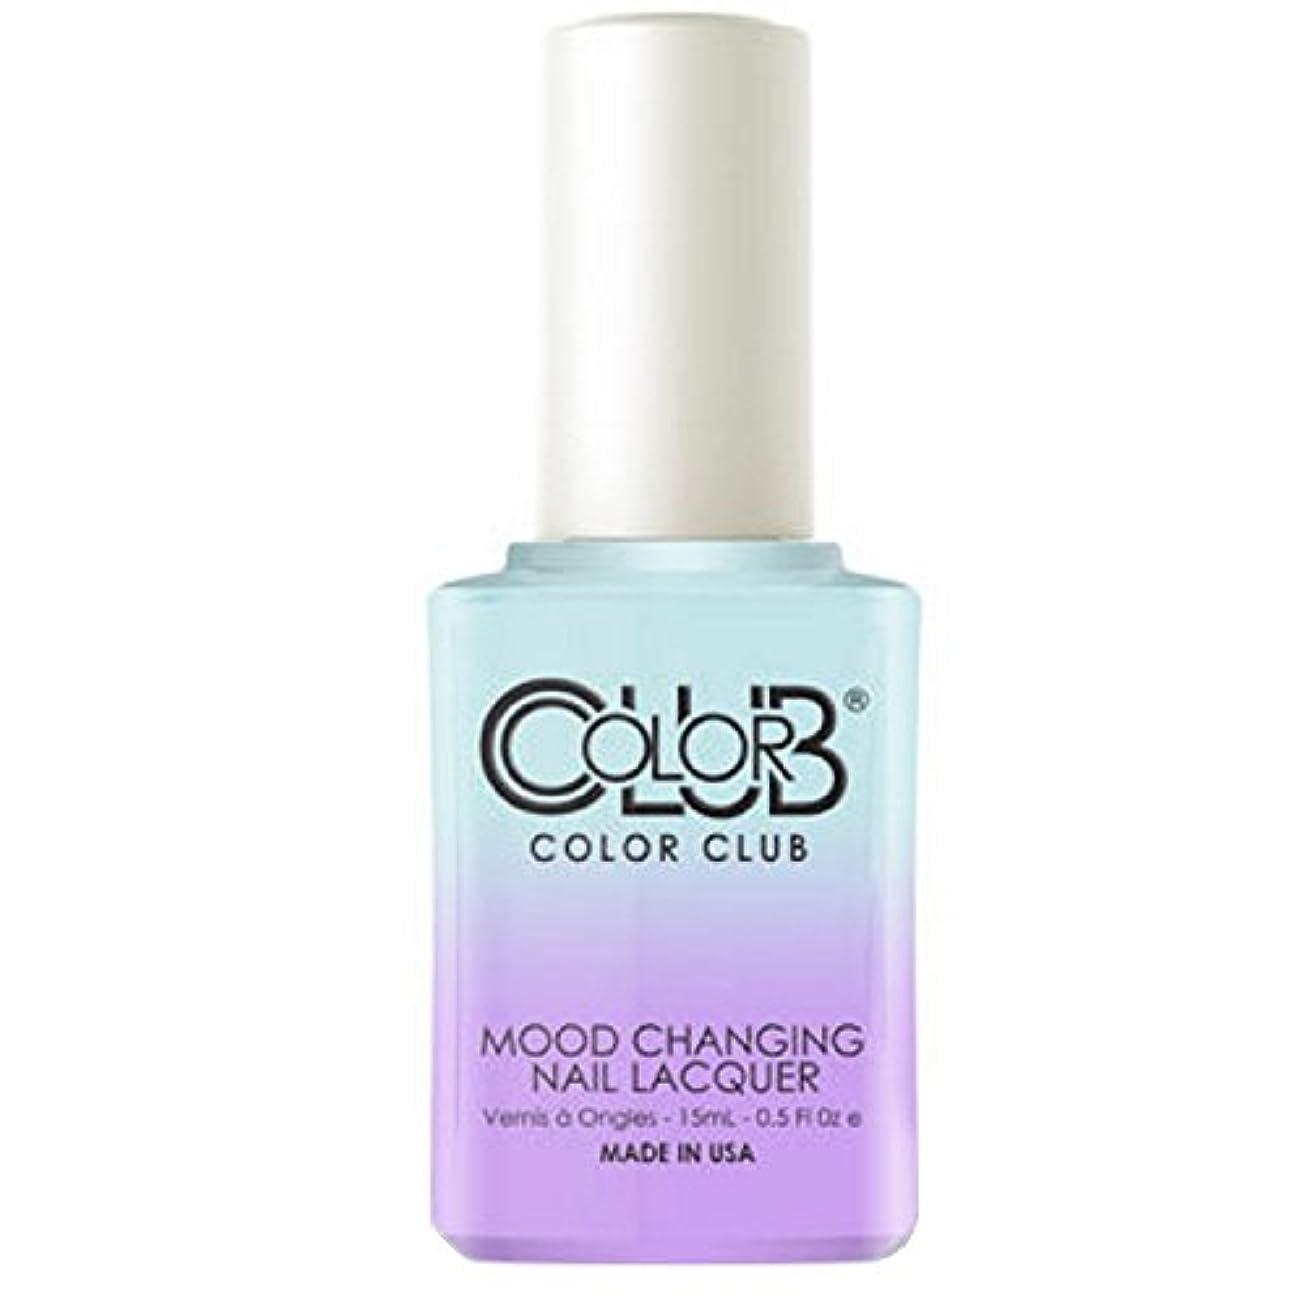 中失効医師Color Club Mood Changing Nail Lacquer - Blue Skies Ahead - 15 mL / 0.5 fl oz